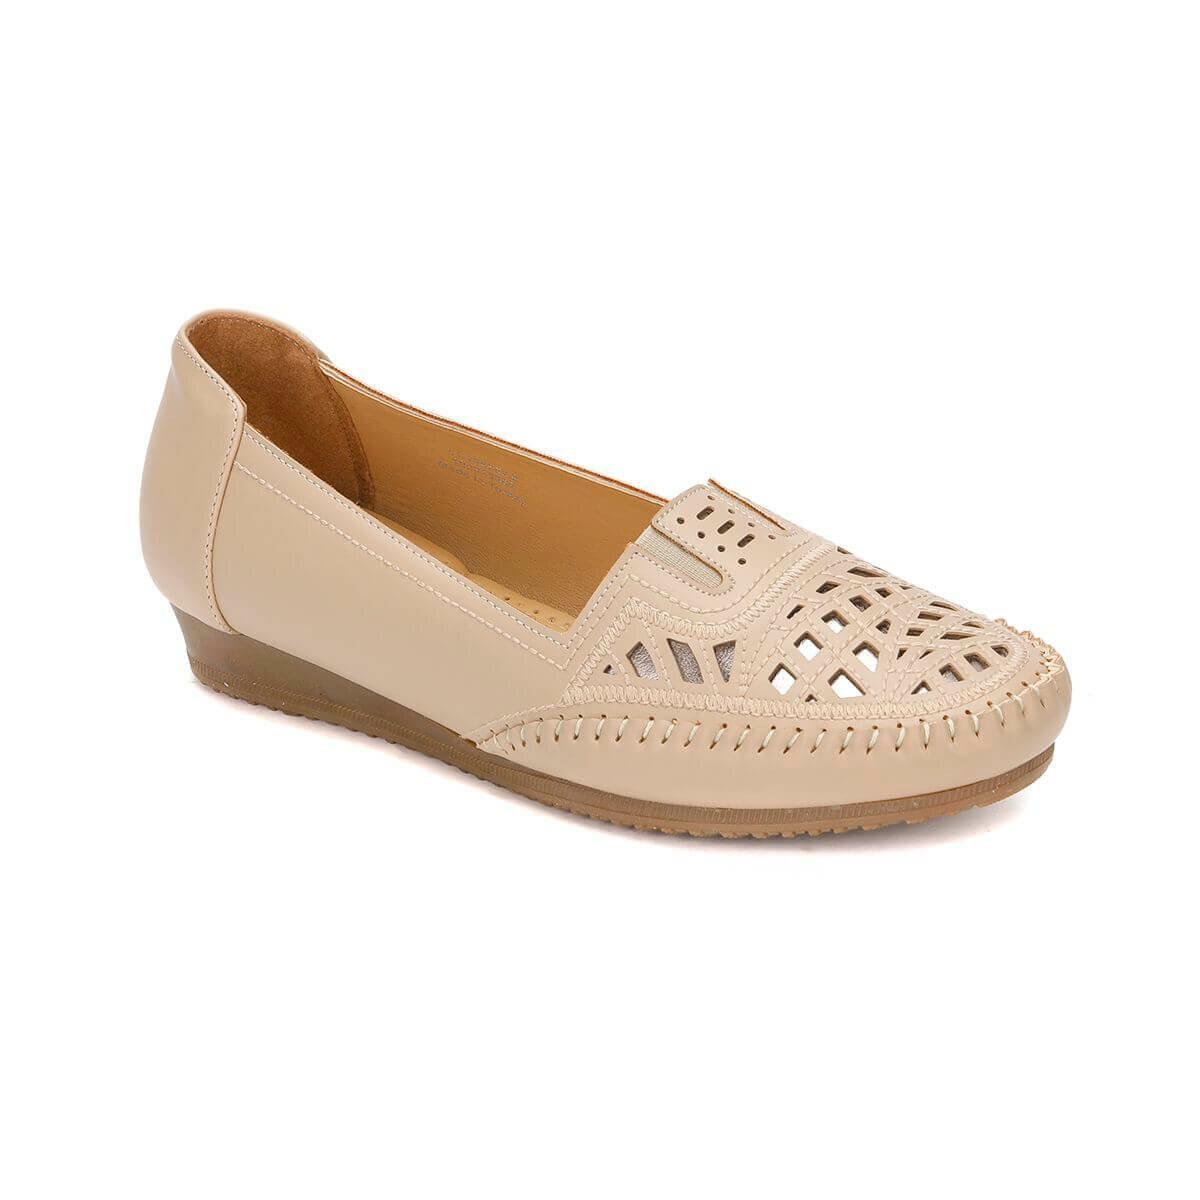 FLO 81.158752.Z Beige Women 'S Classic Shoes Polaris